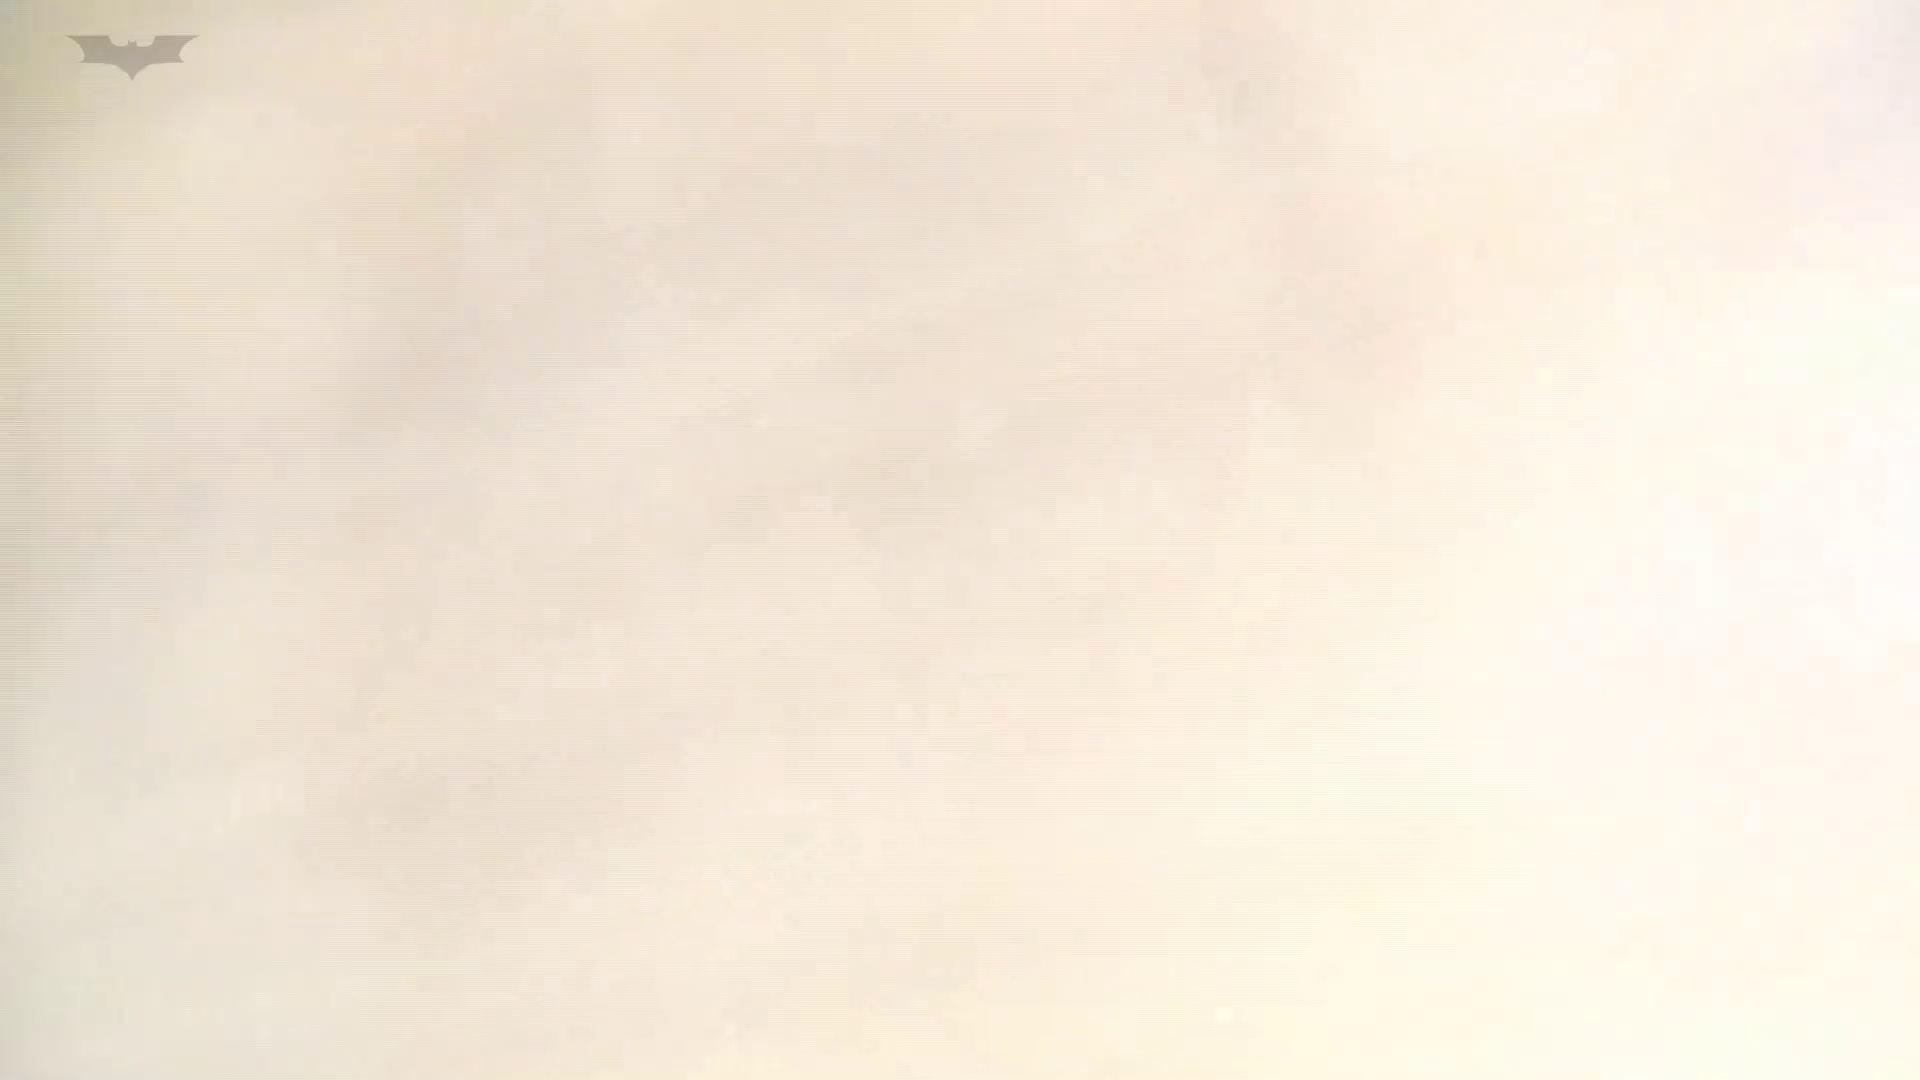 和式洋式七変化 Vol.31 洋式だけど丸見えですっ!! 丸見え  73PIX 11